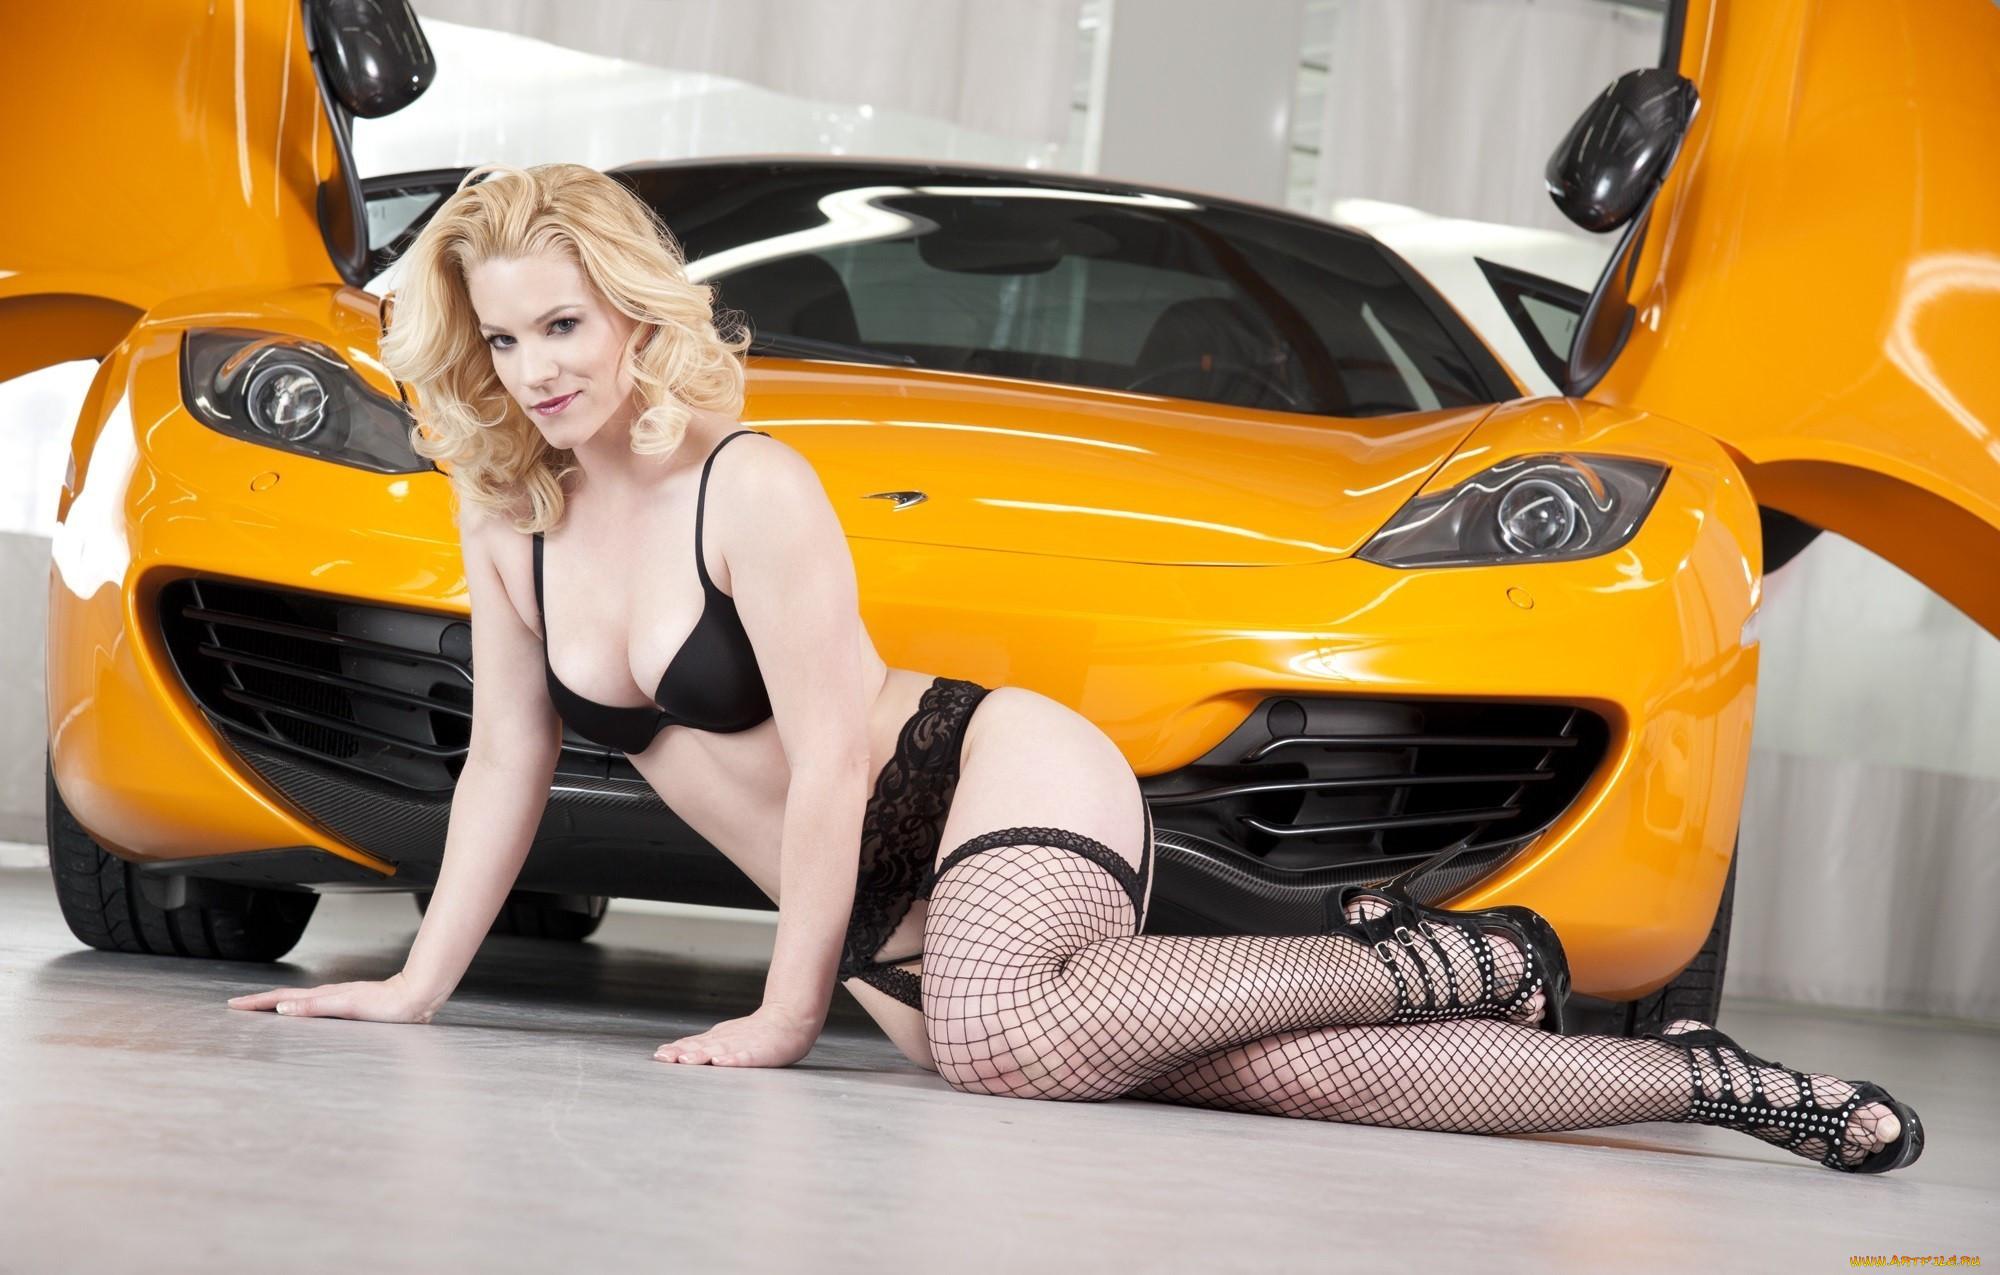 Машины и голые девки фото этом